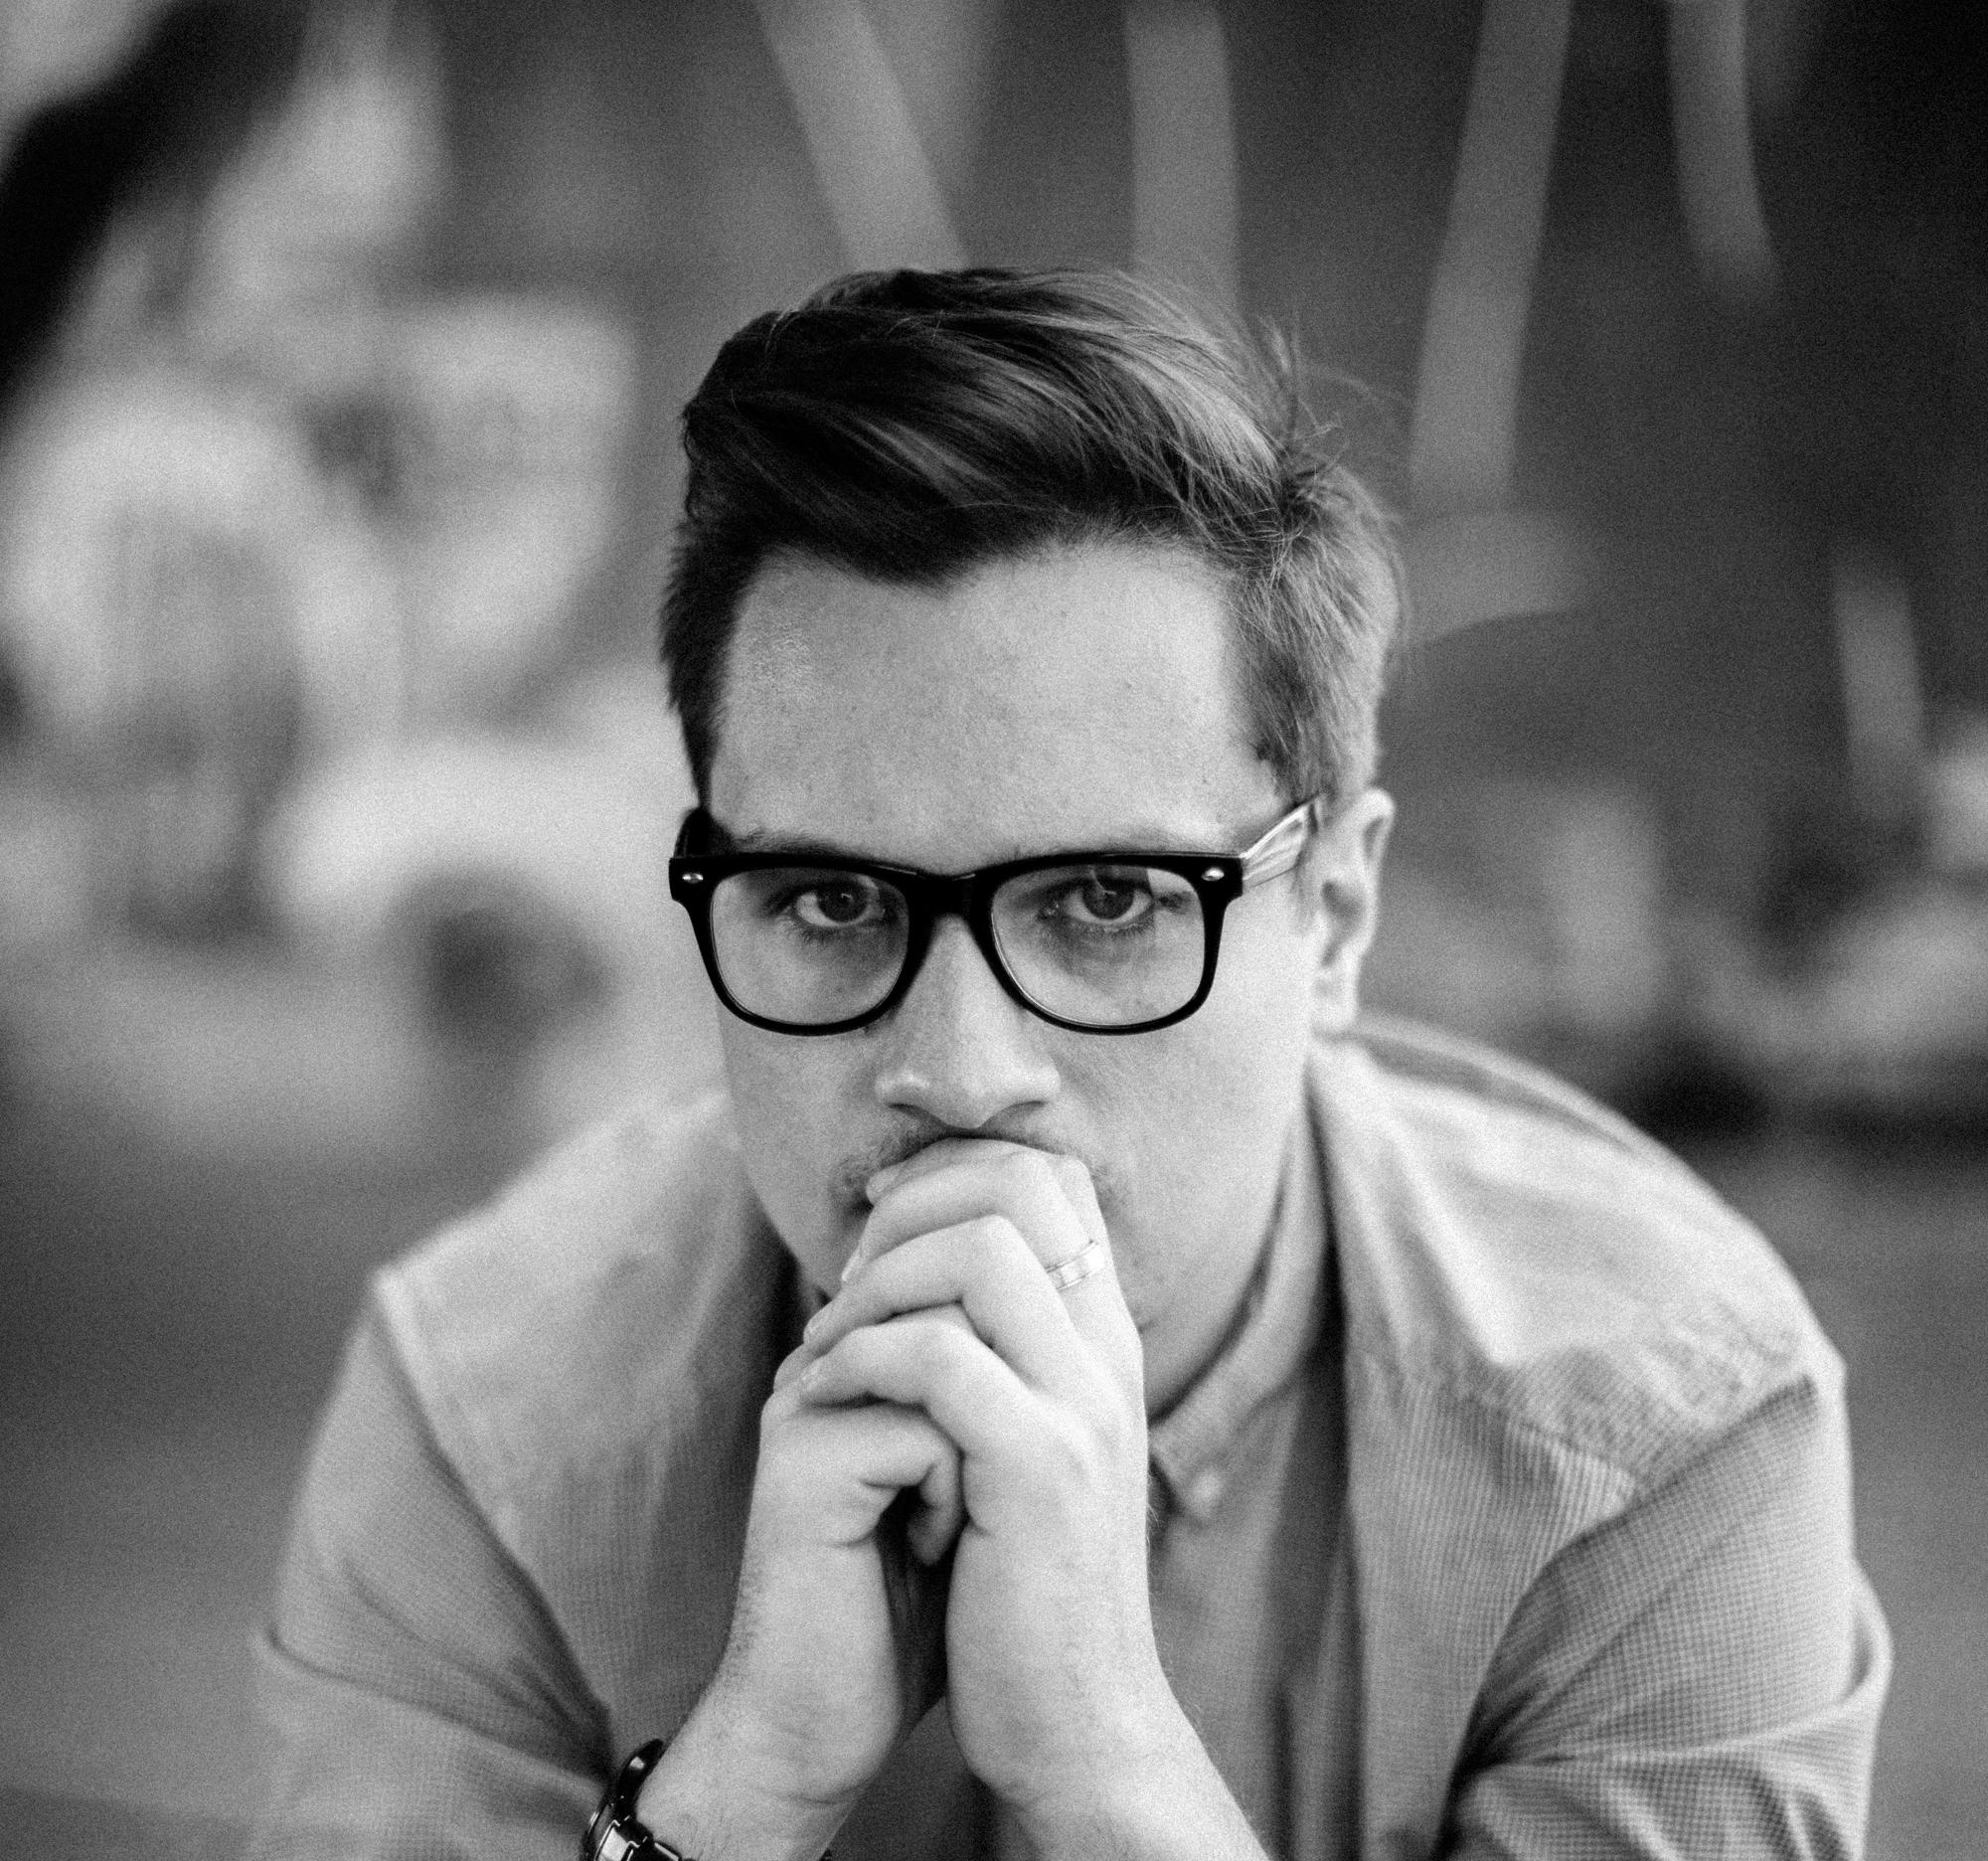 Влад Недогибченко, экс-главред bit.ua: почему бизнесу и СМИ сложно найти людей, которые умеют хорошо писать